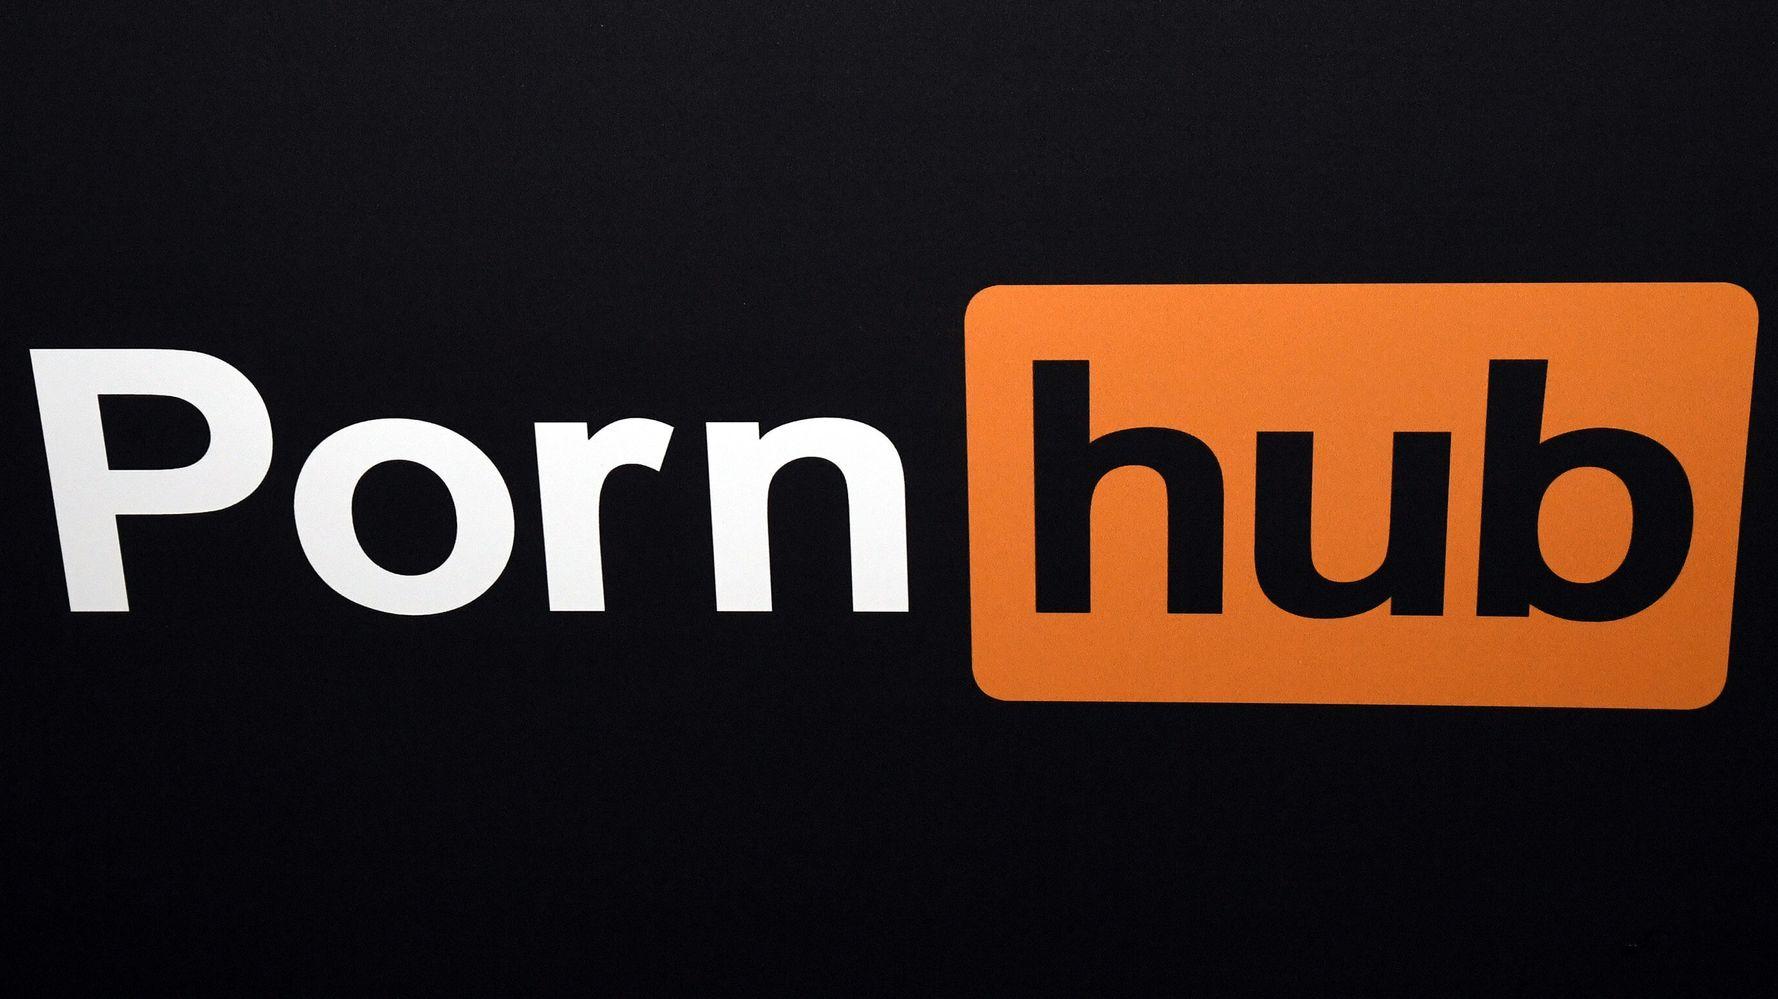 Pornhub offre l'accès premium gratuit en France   Le HuffPost